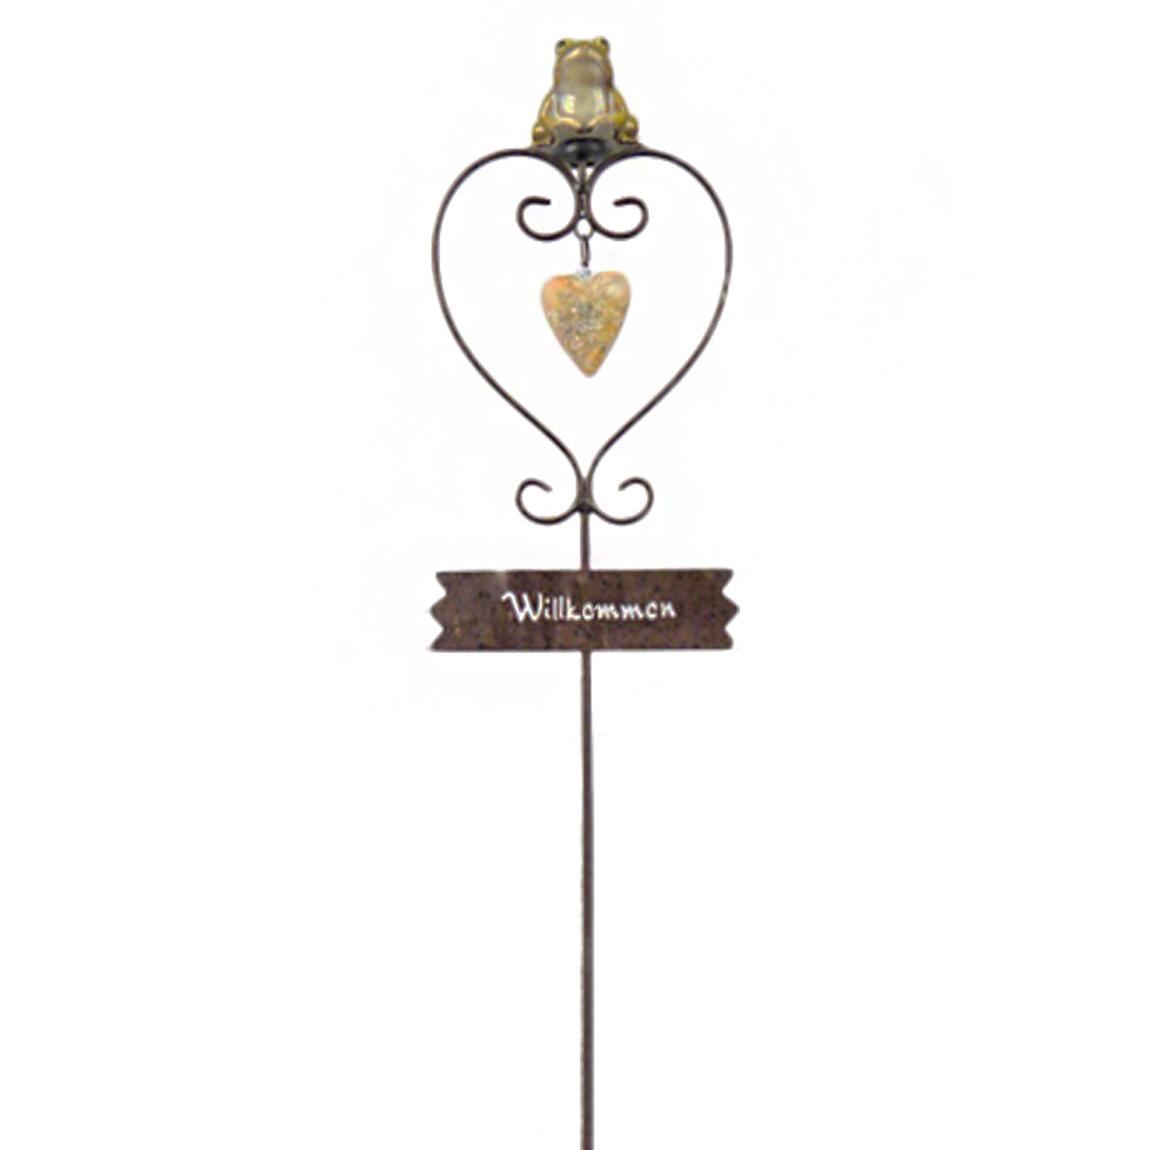 Gartenstecker - Frosch Herz mit Schild Willkommen Gartendeko Metall mehrfarbig